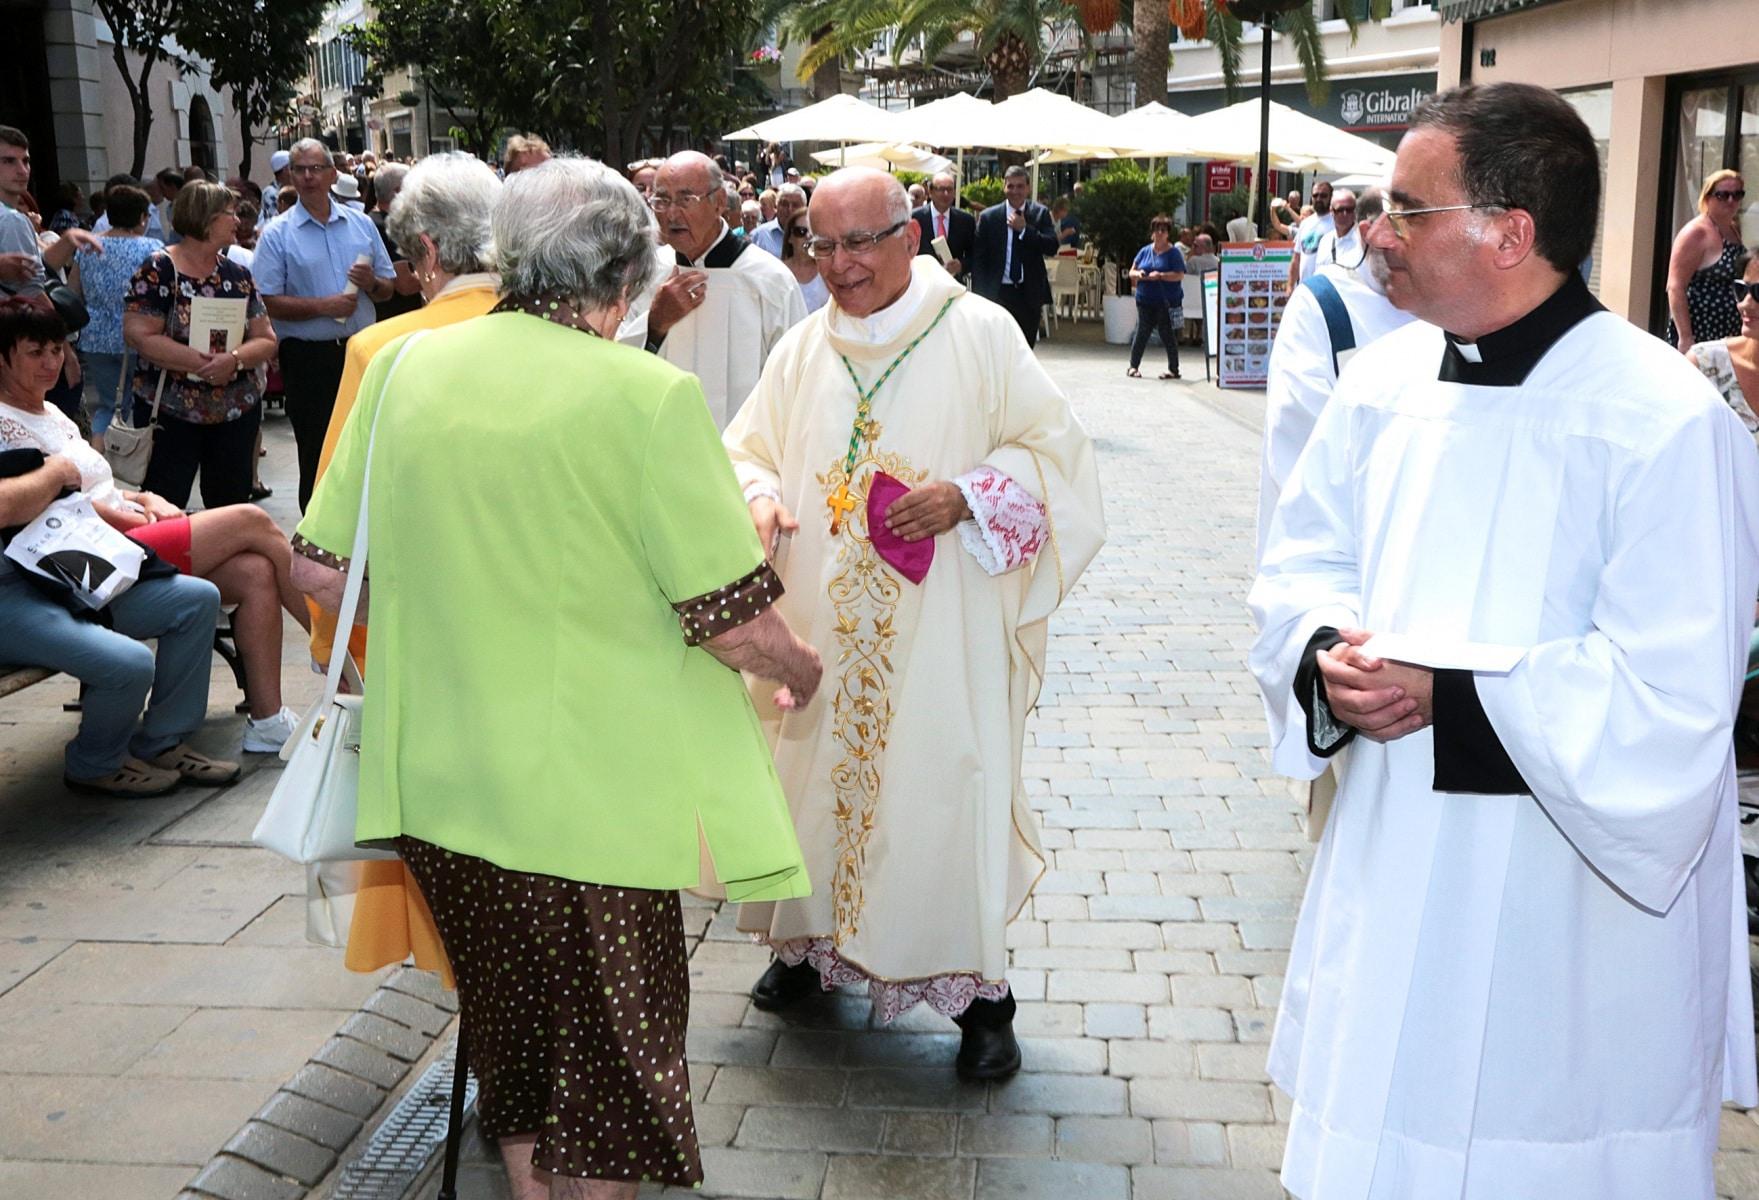 24-sep-2016-toma-de-posesin-de-carmelo-zammit-del-cargo-de-obispo-de-gibraltar_29845564232_o